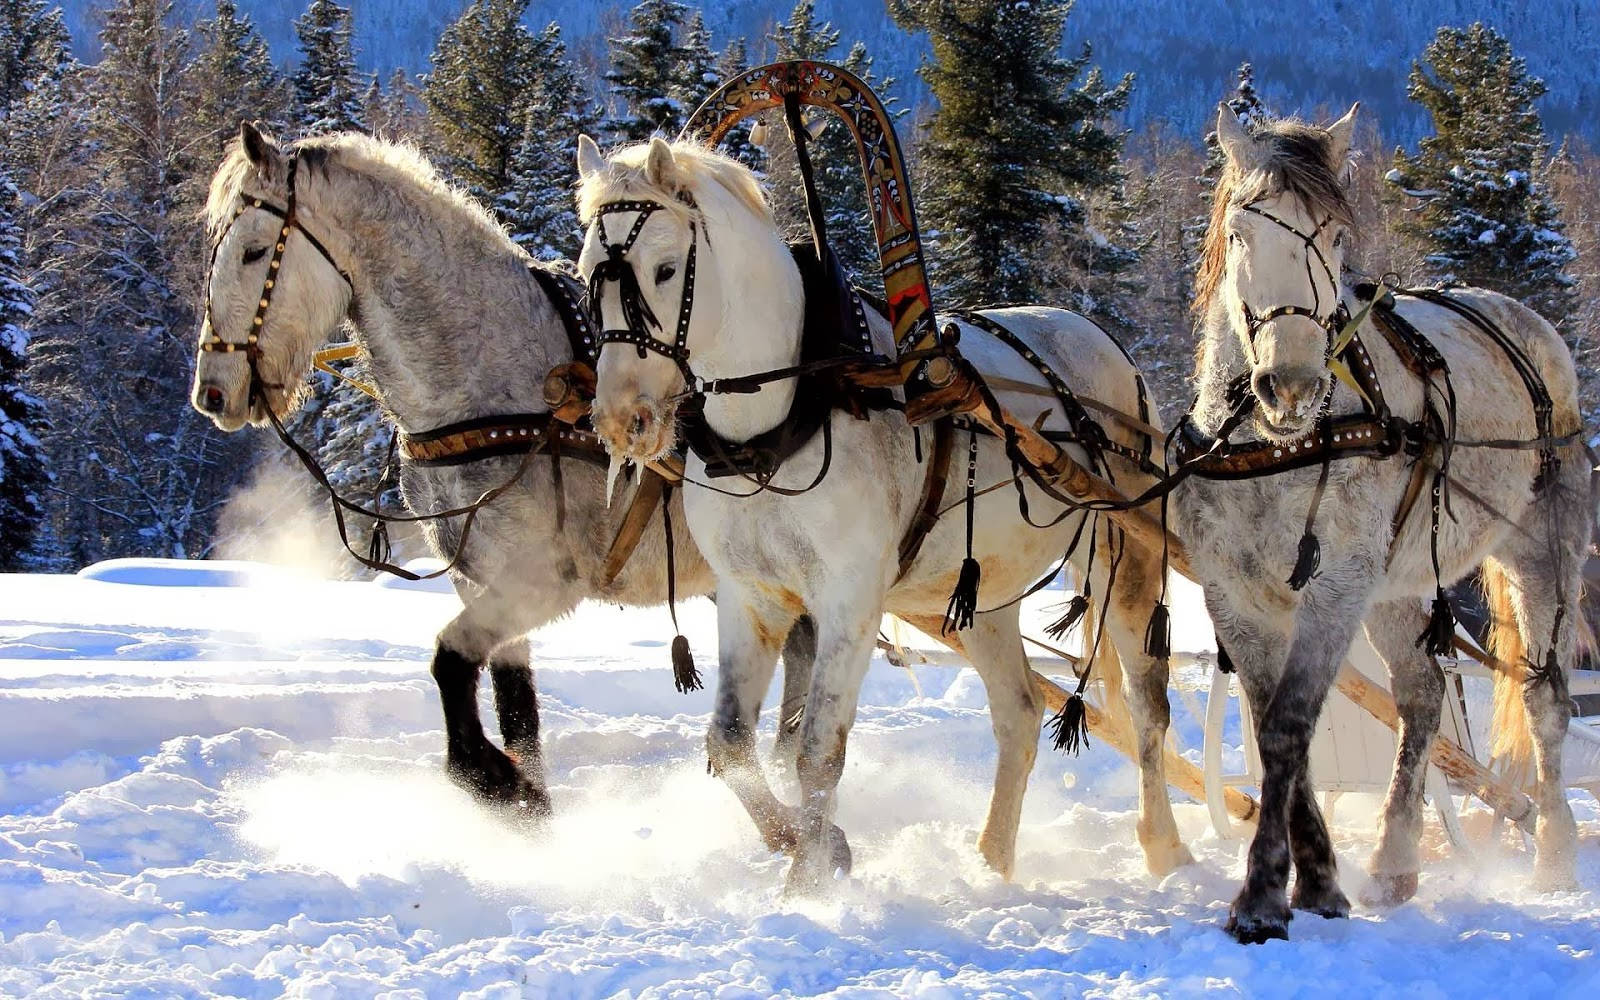 winter-achtergrond-met-witte-paarden-in-de-sneeuw-die-slee-trekken